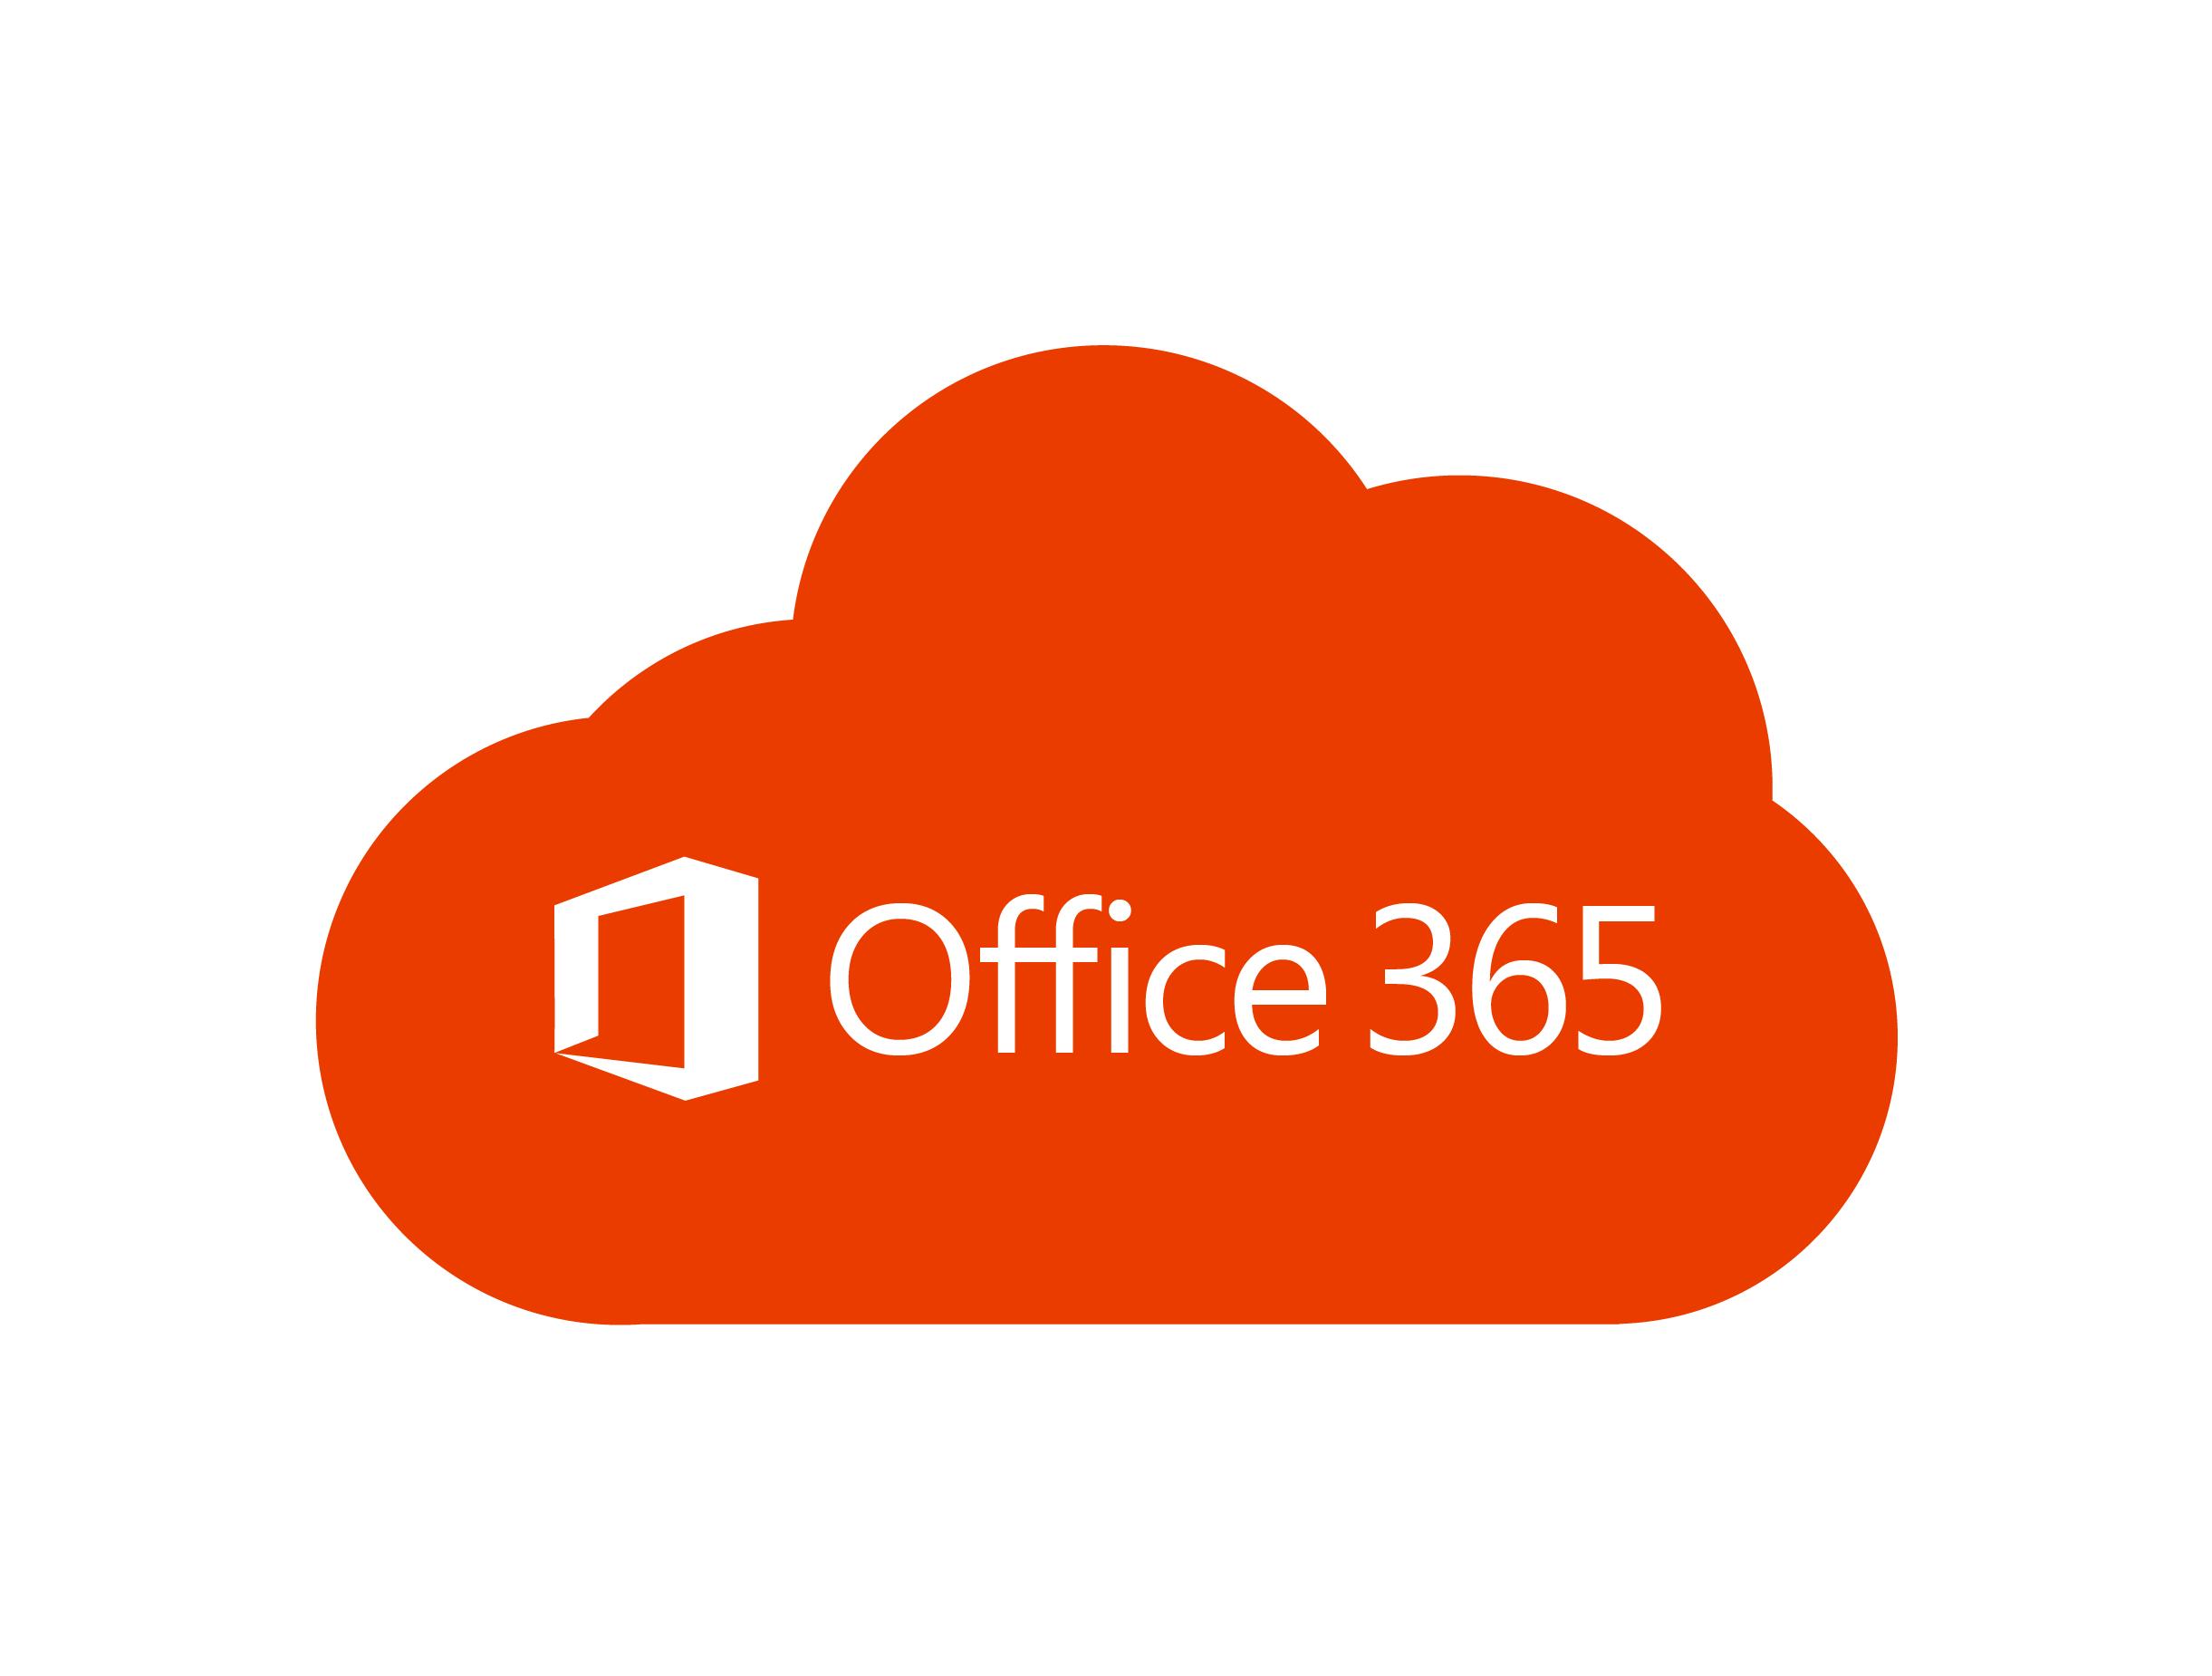 Uzyskaj usługę Office 365 bezpłatnie – BACZYŃSKI